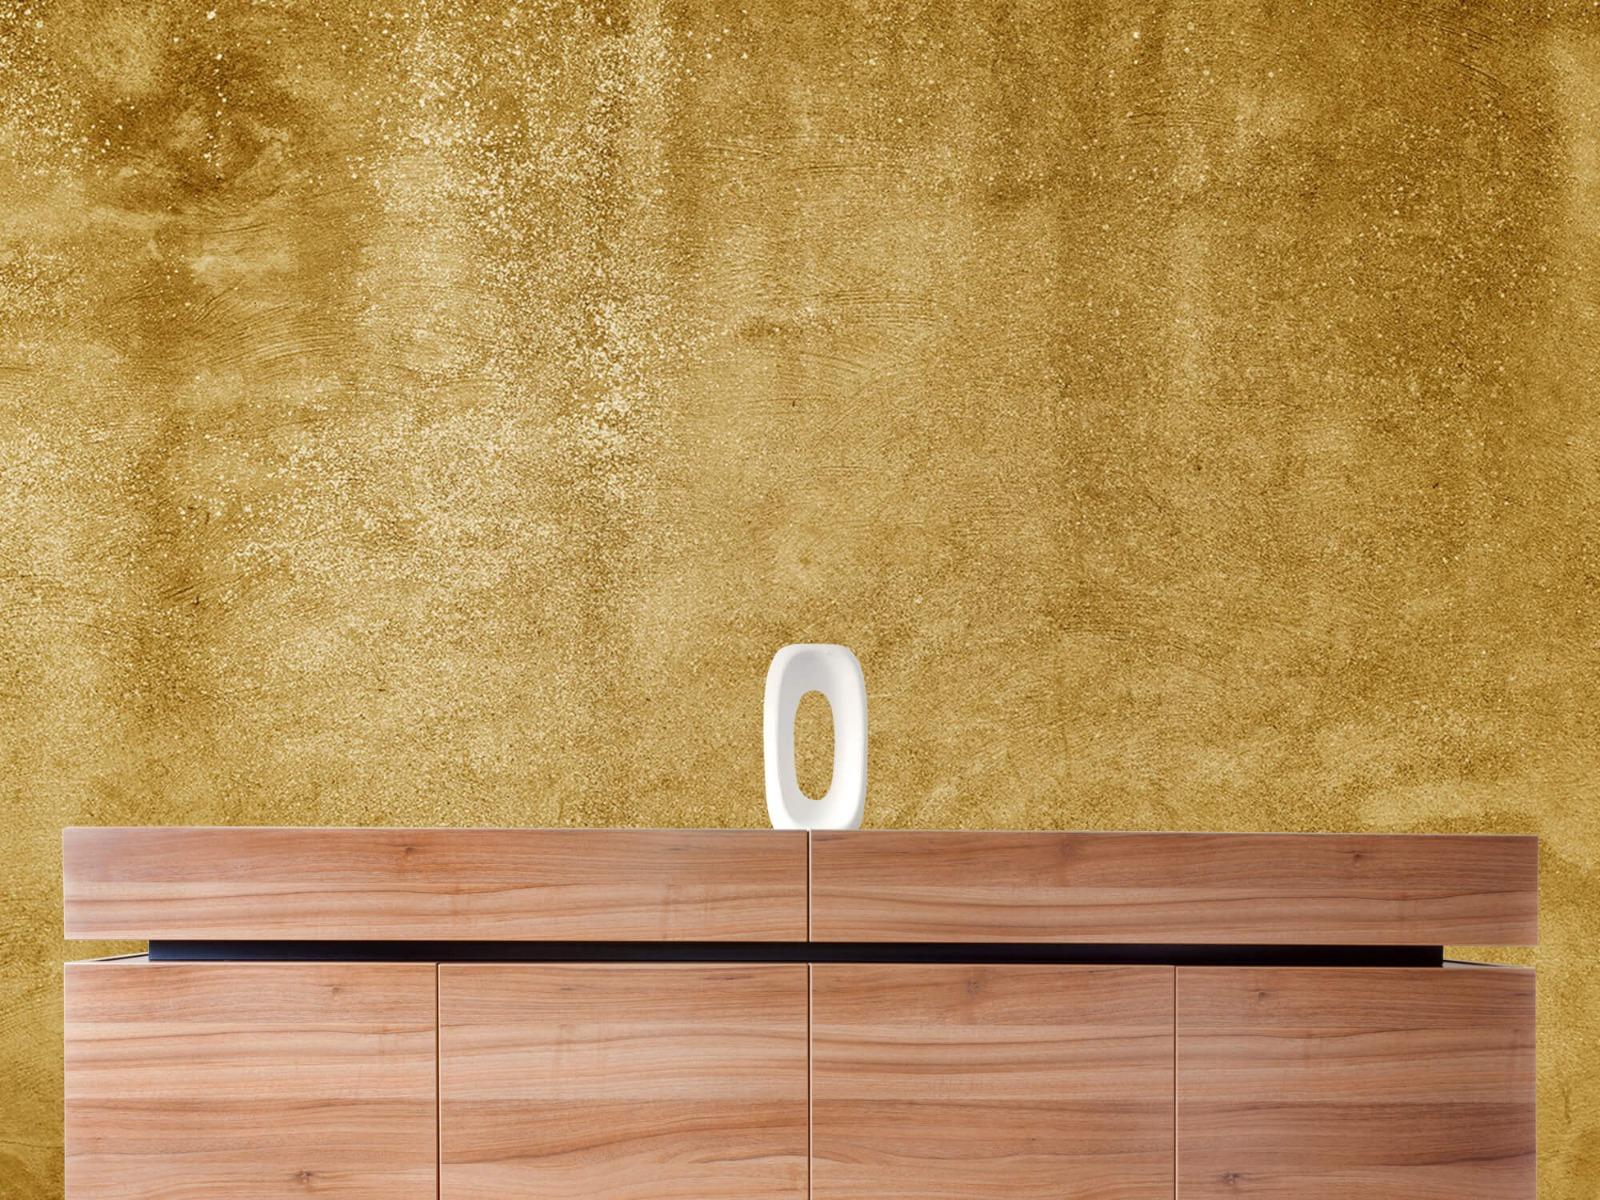 Betonoptik Tapete - Ockerhaltiger gelber Beton auf Fototapete - Wohnzimmer 20